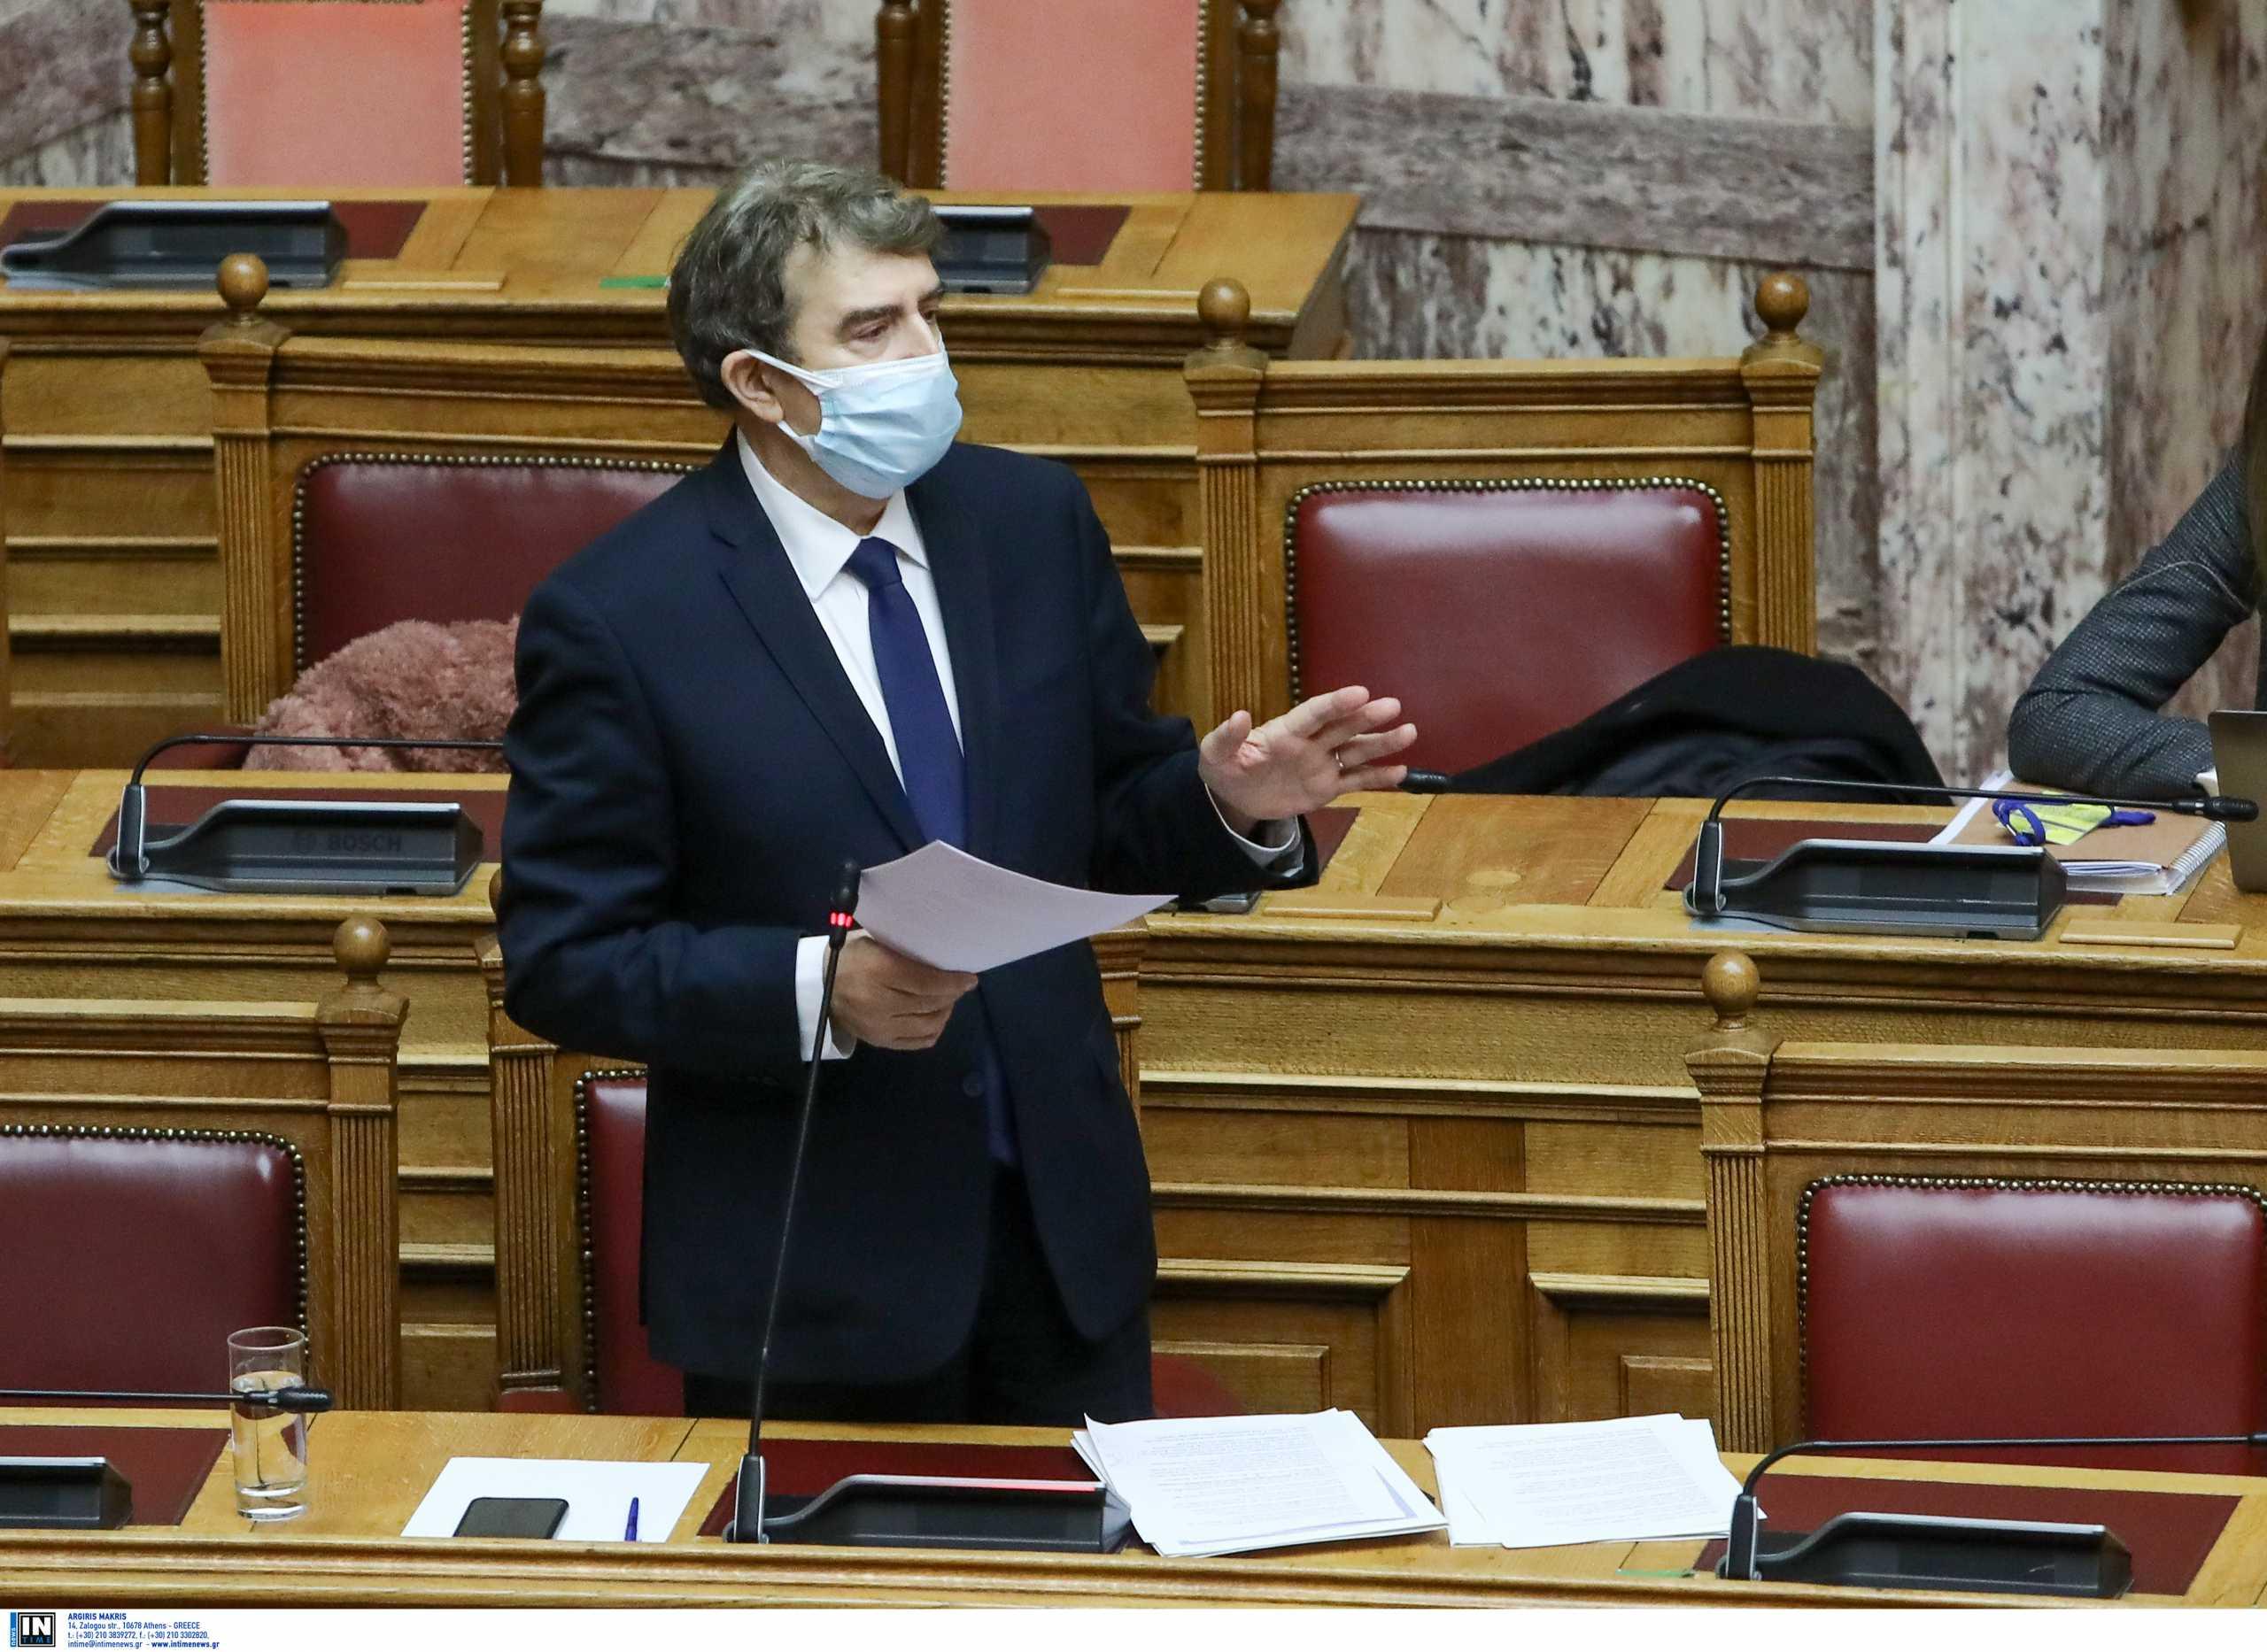 Χρυσοχοΐδης: Ζητώ συγγνώμη από οποιονδήποτε έχει υποστεί αυθαιρεσία